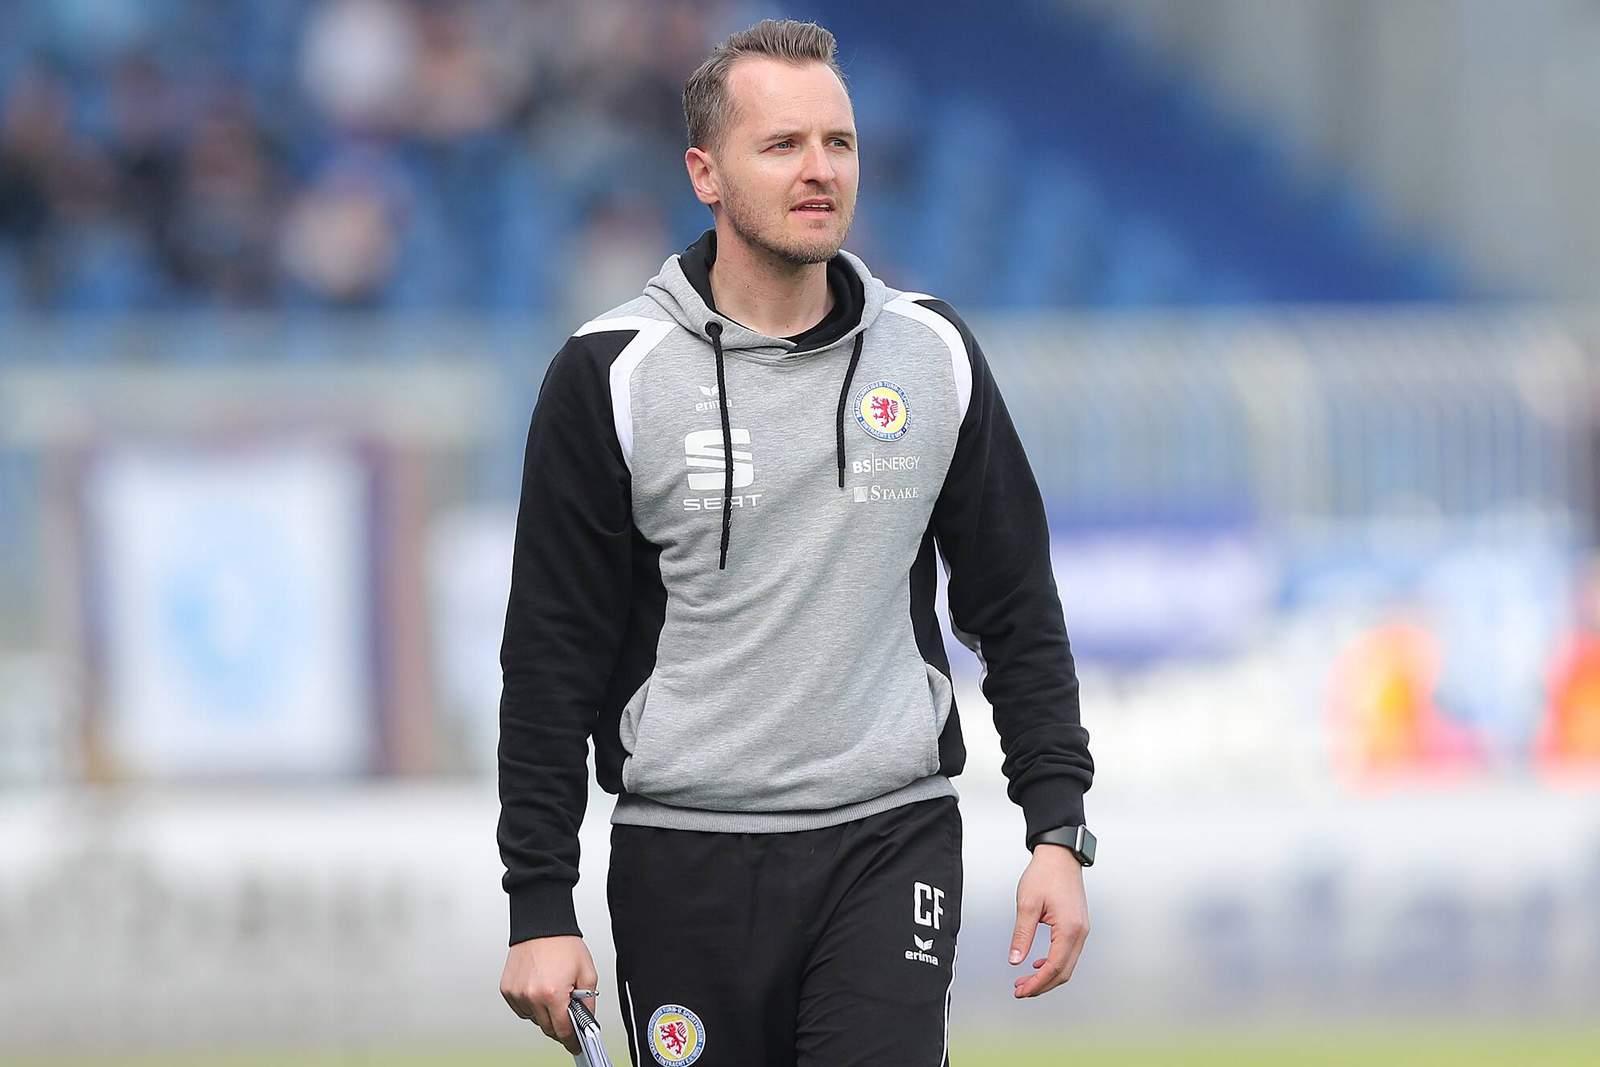 Christian Flüthmann als Trainer von Eintracht Braunschweig